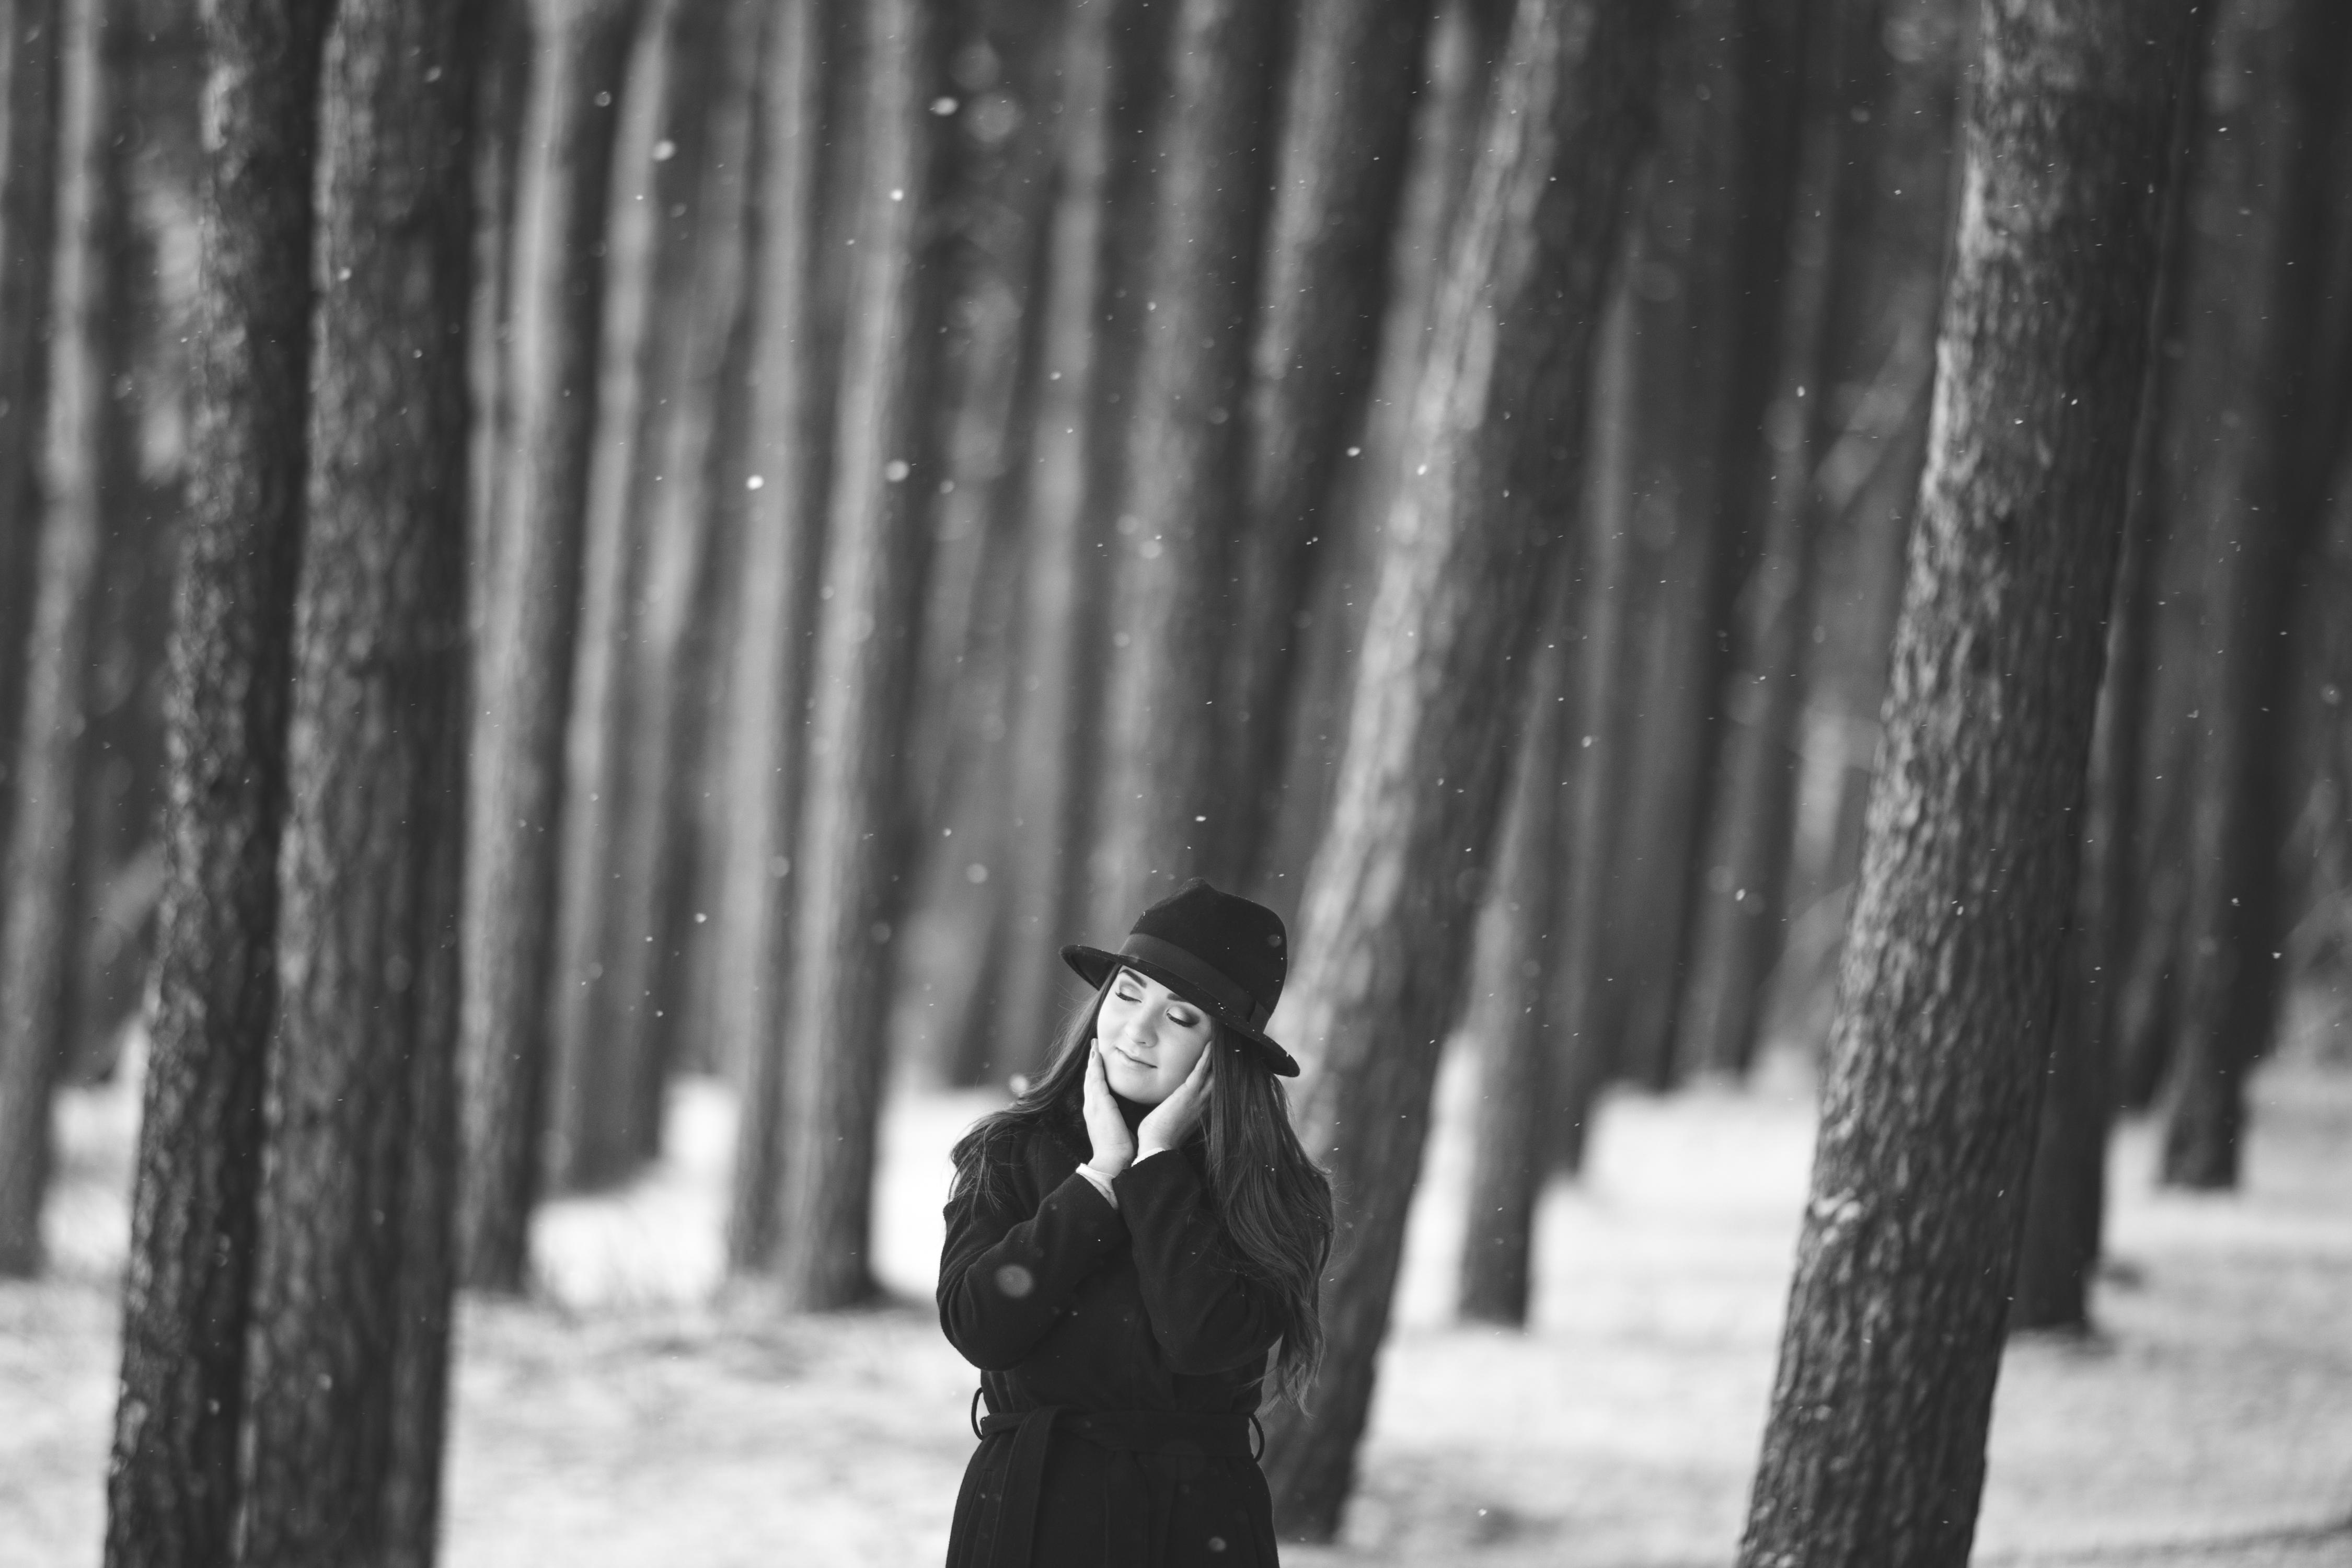 fotosessioon lumesajus talvises metsas